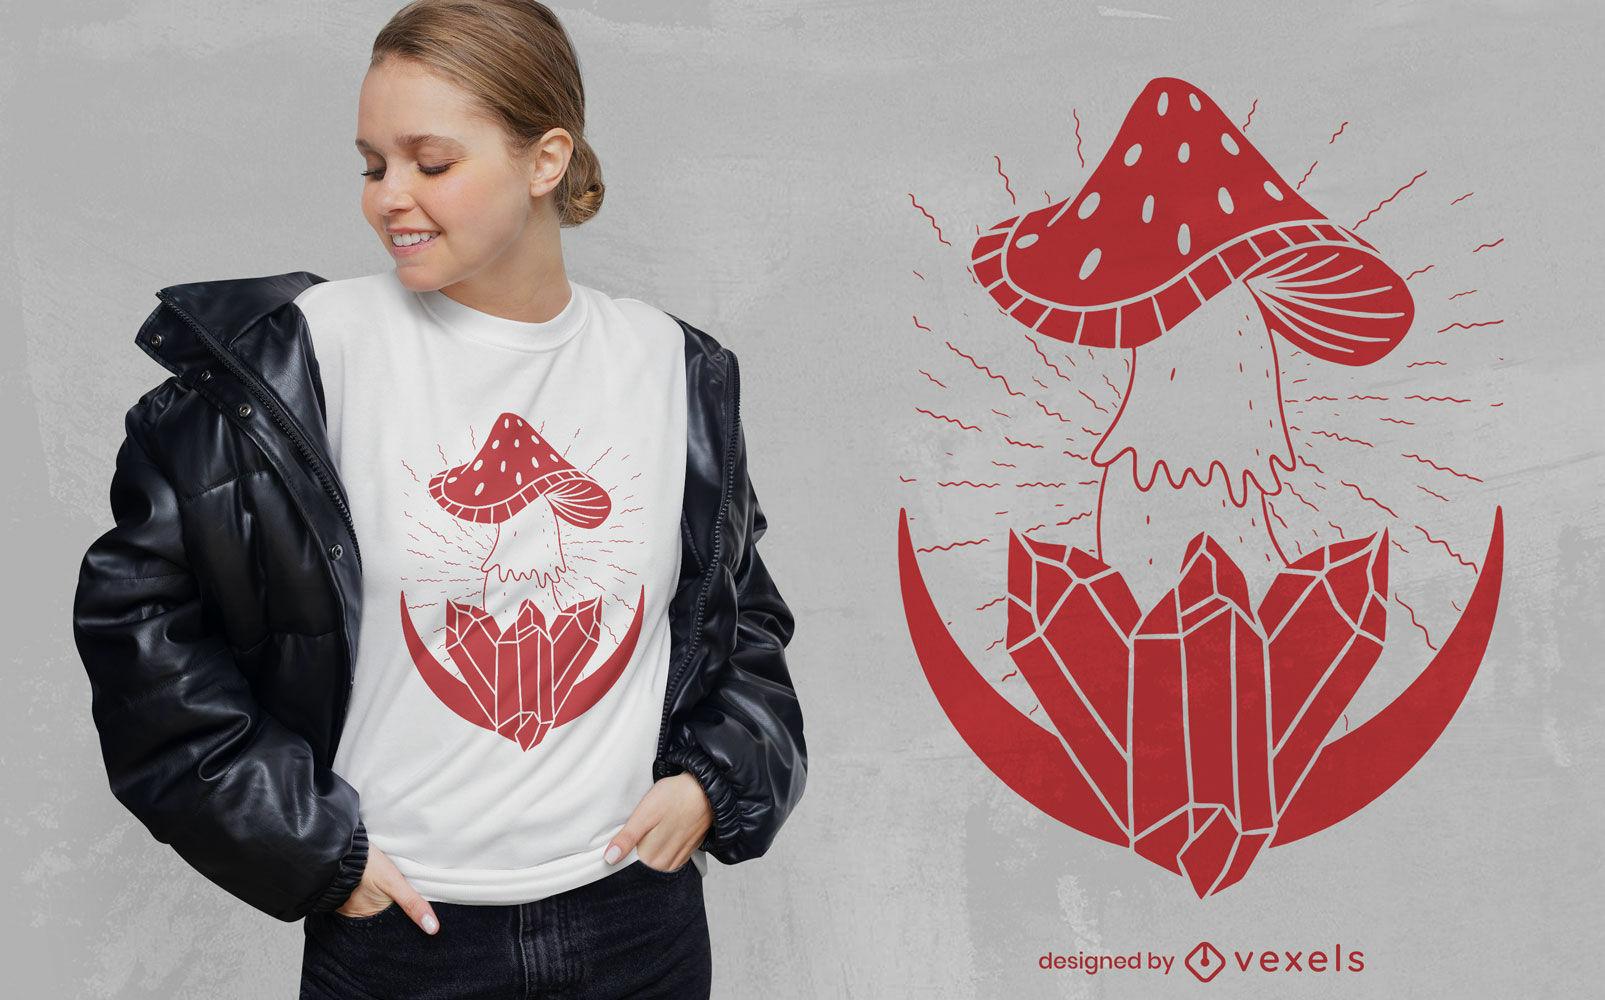 Diseño de camiseta de setas y cristales.